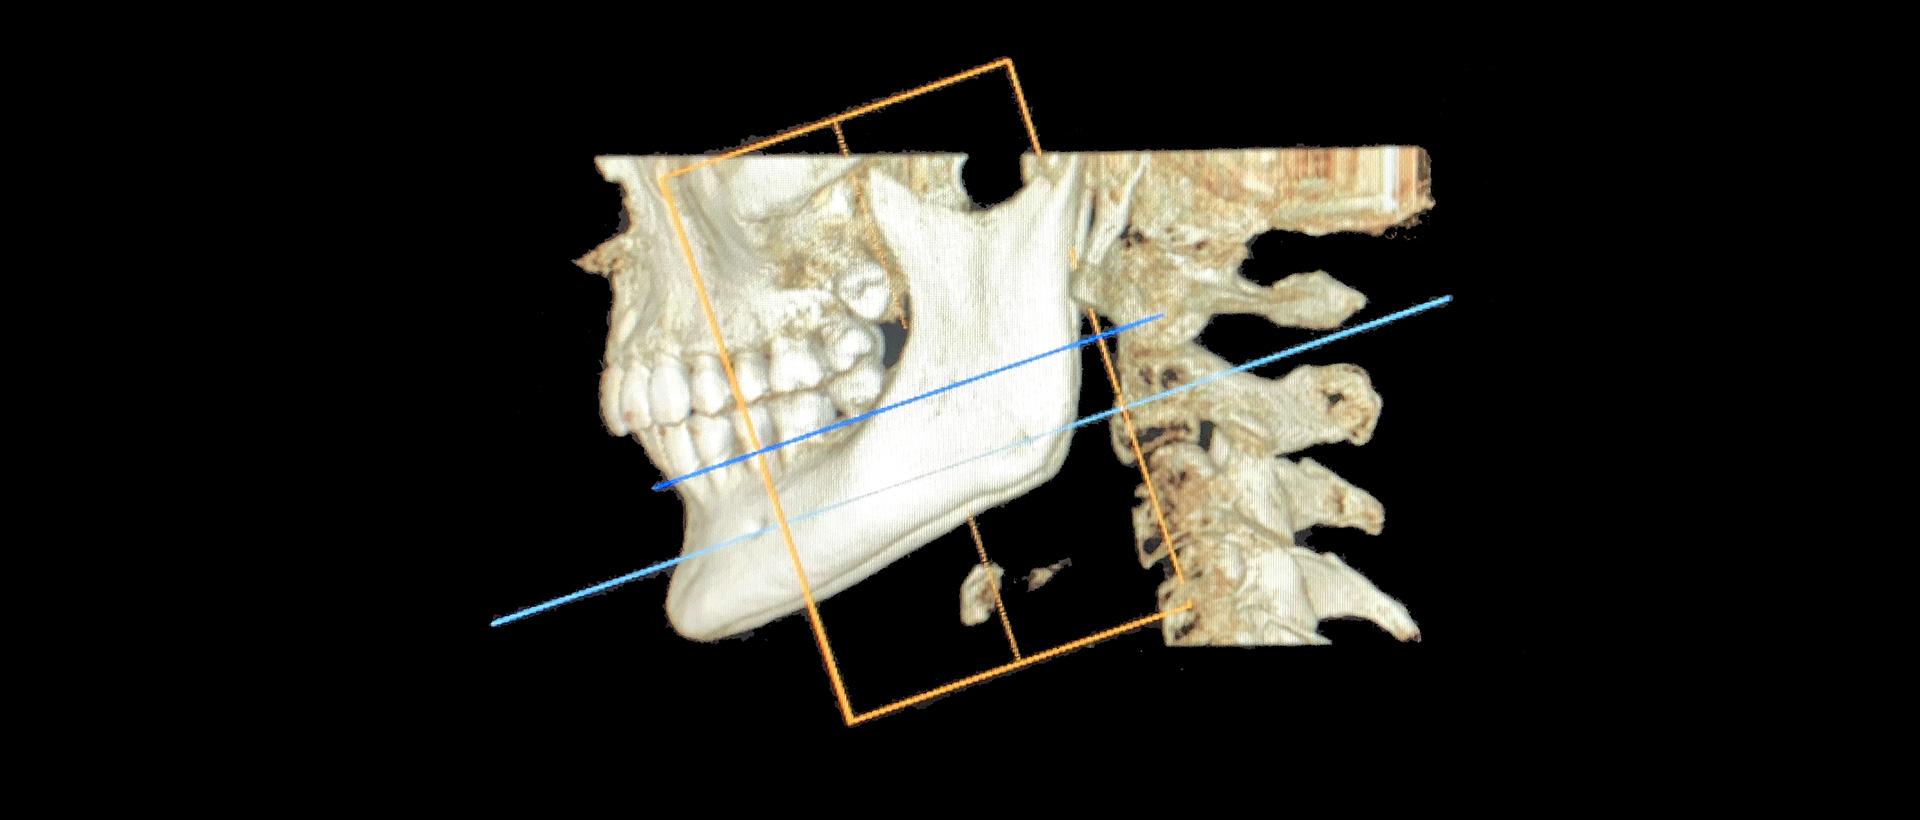 Tecnologie dentali Verona dott. Pellizzari